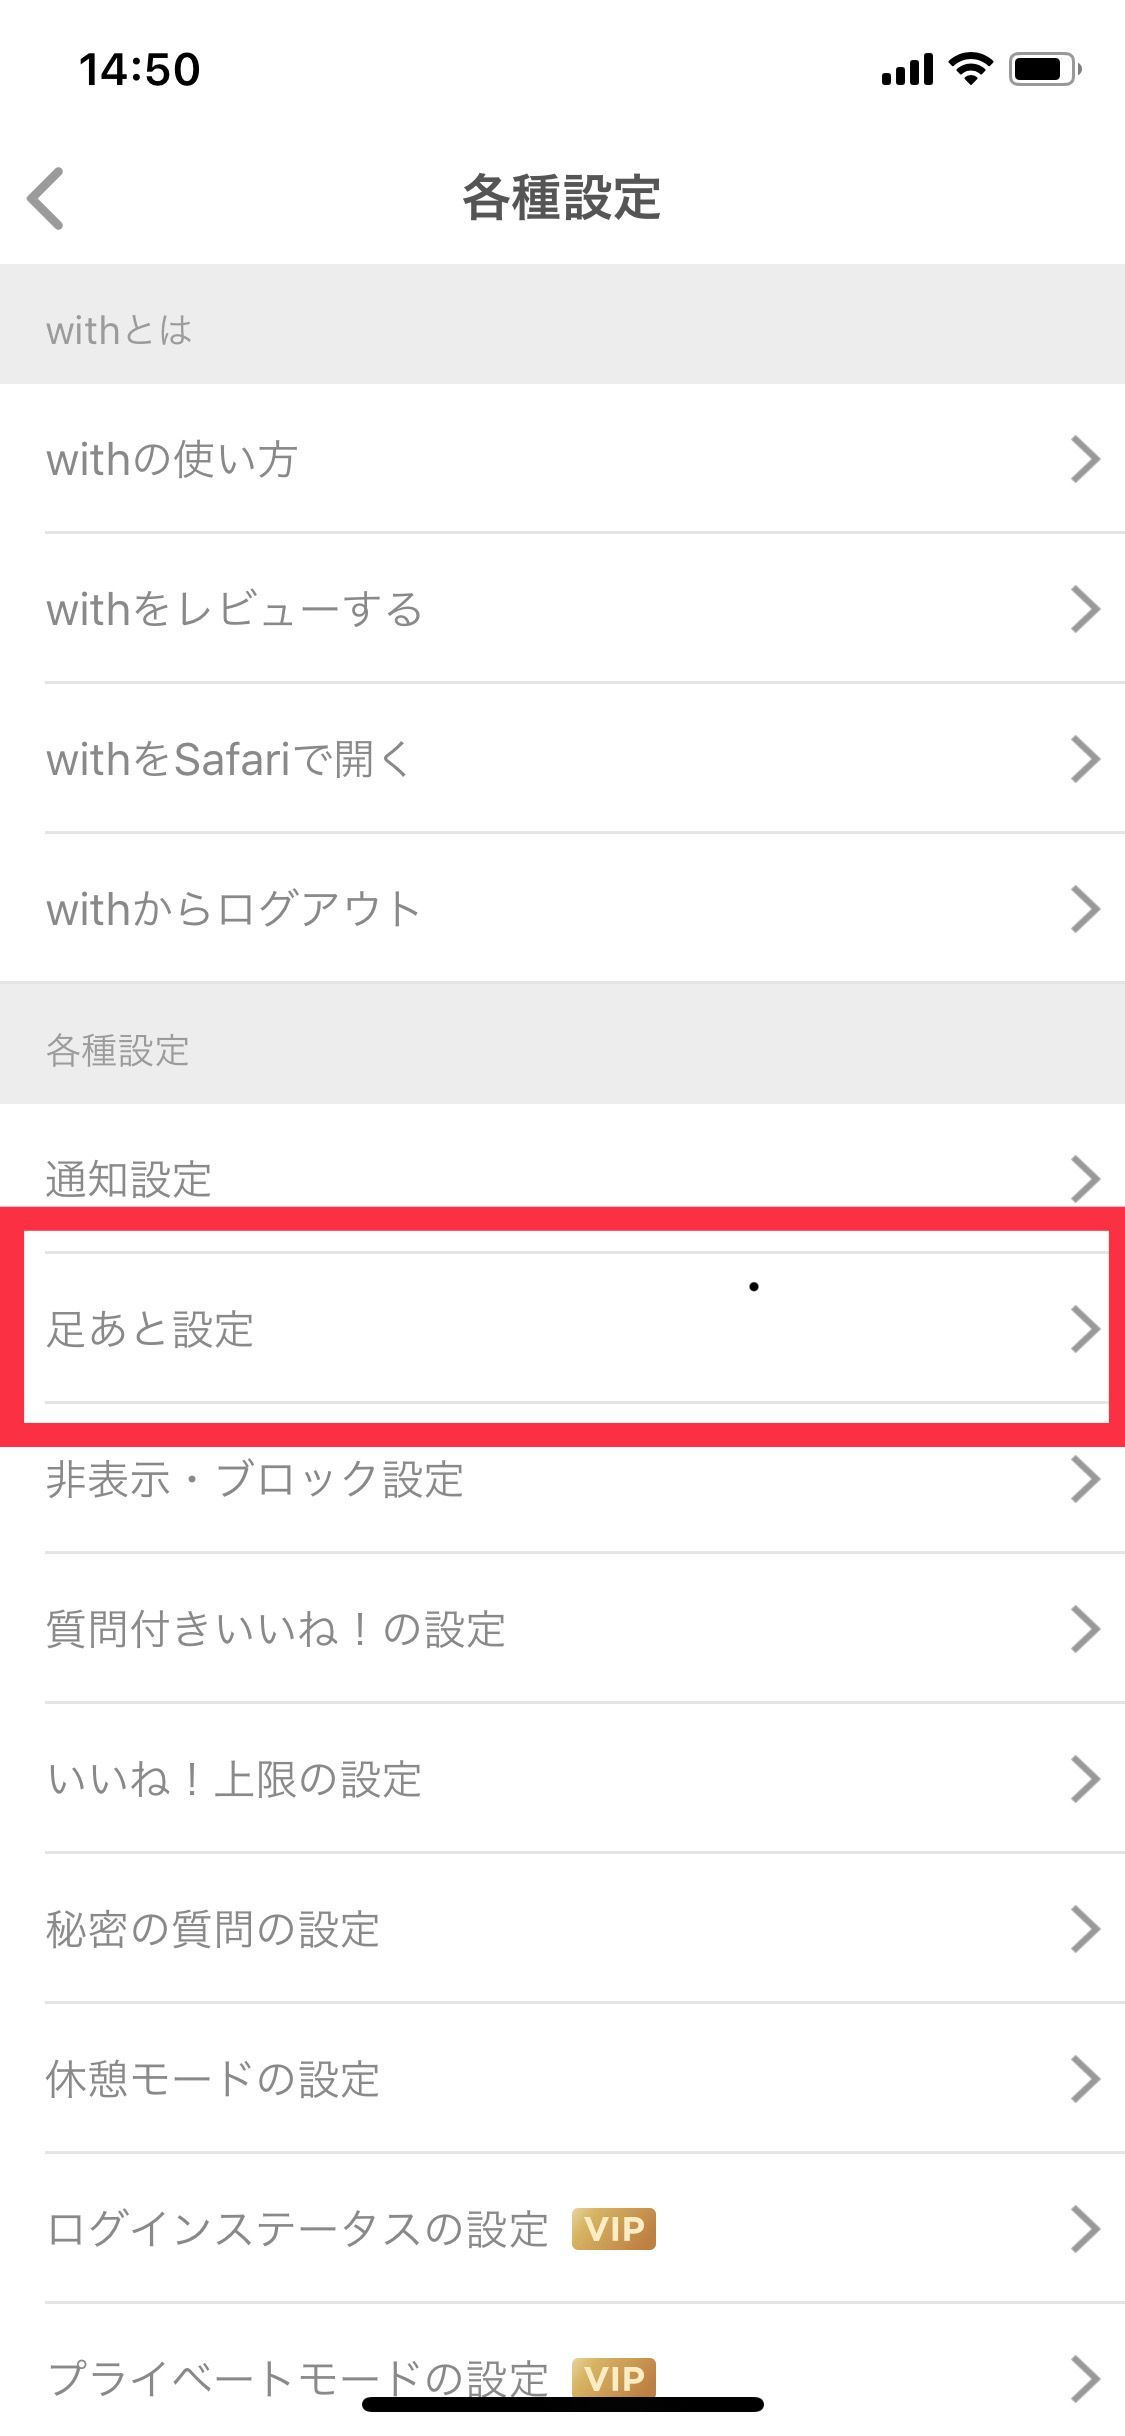 with 3.「足あと設定」をタップ